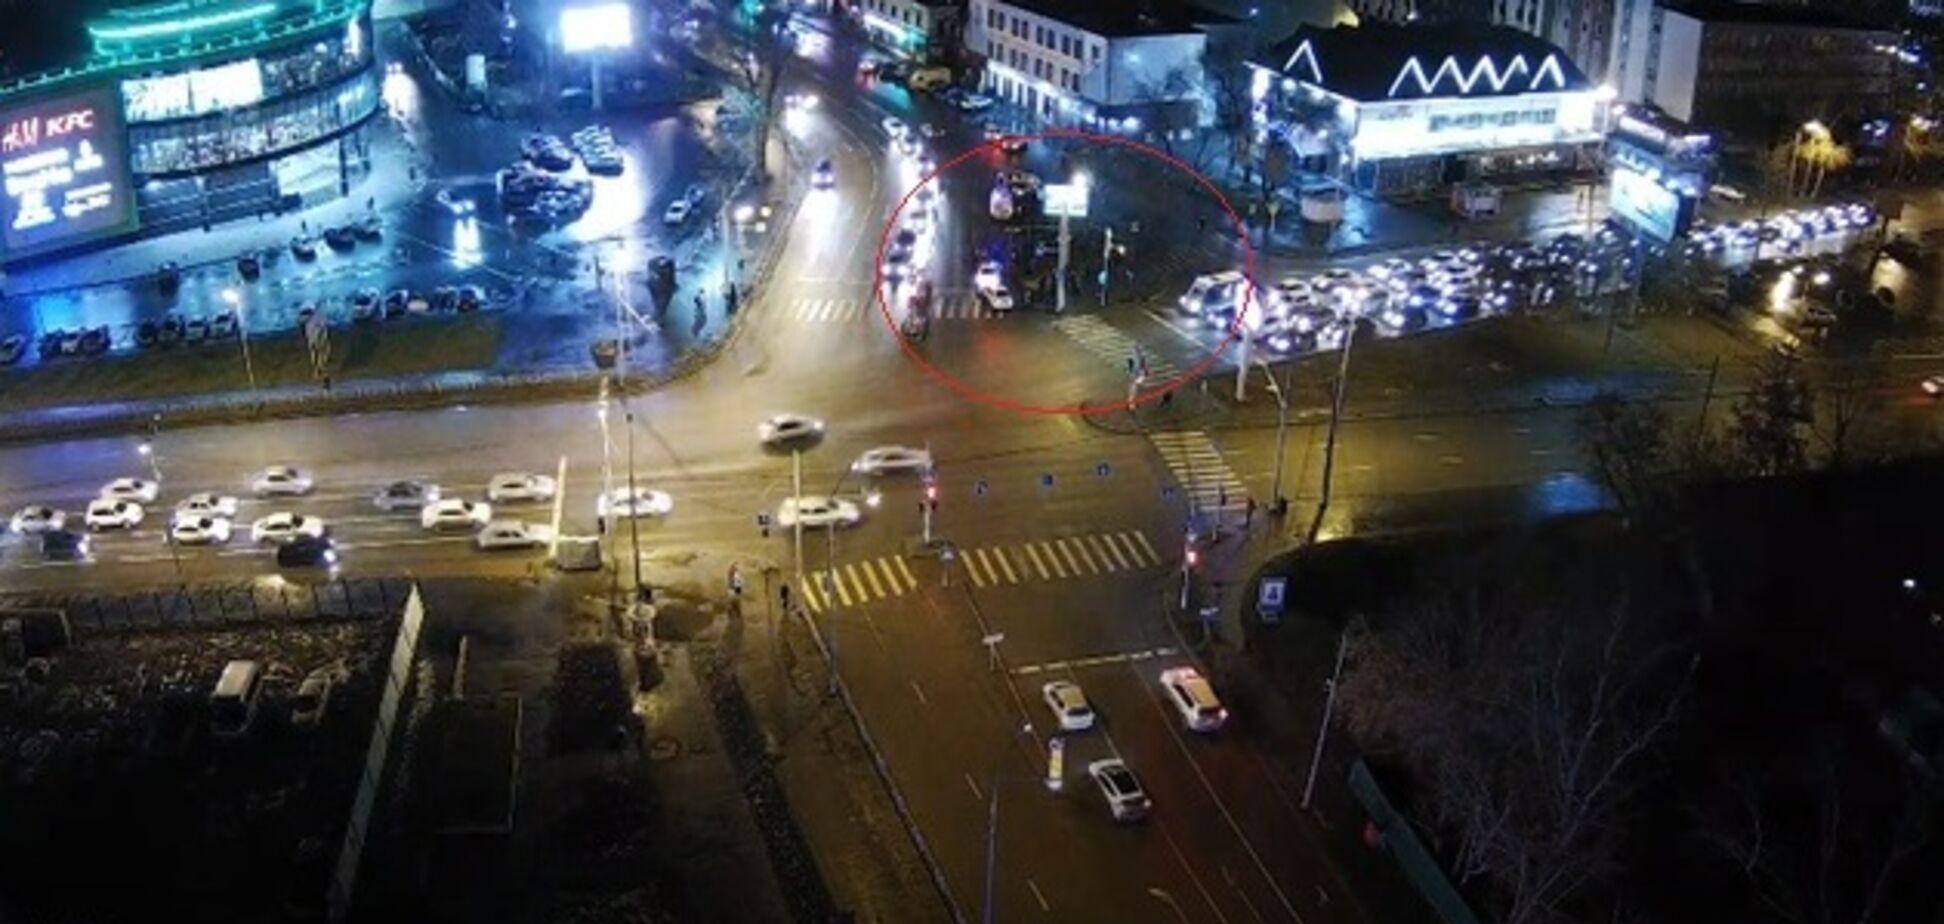 'Зайцева по-тюменськи': у Росії дівчина збила 6 людей на тротуарі. Фото з місця ДТП